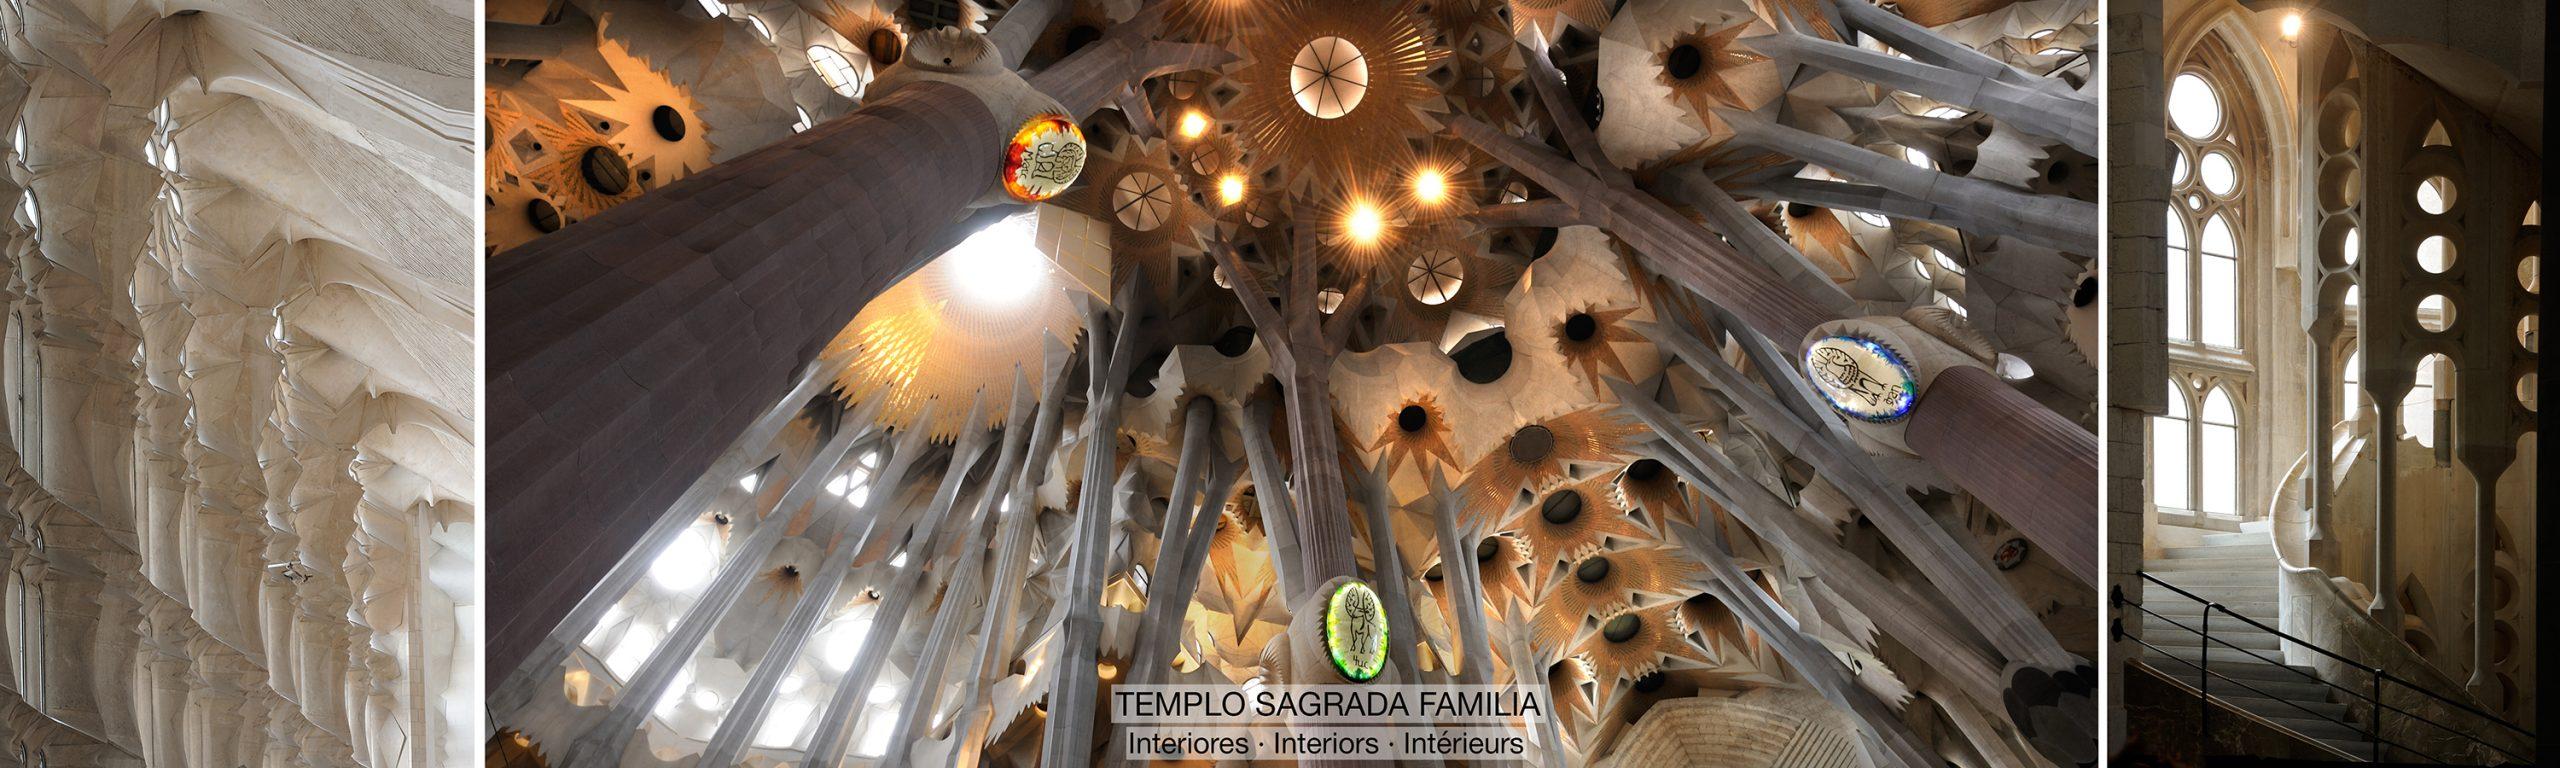 Templo de la Sagrada Familia, Barcelona